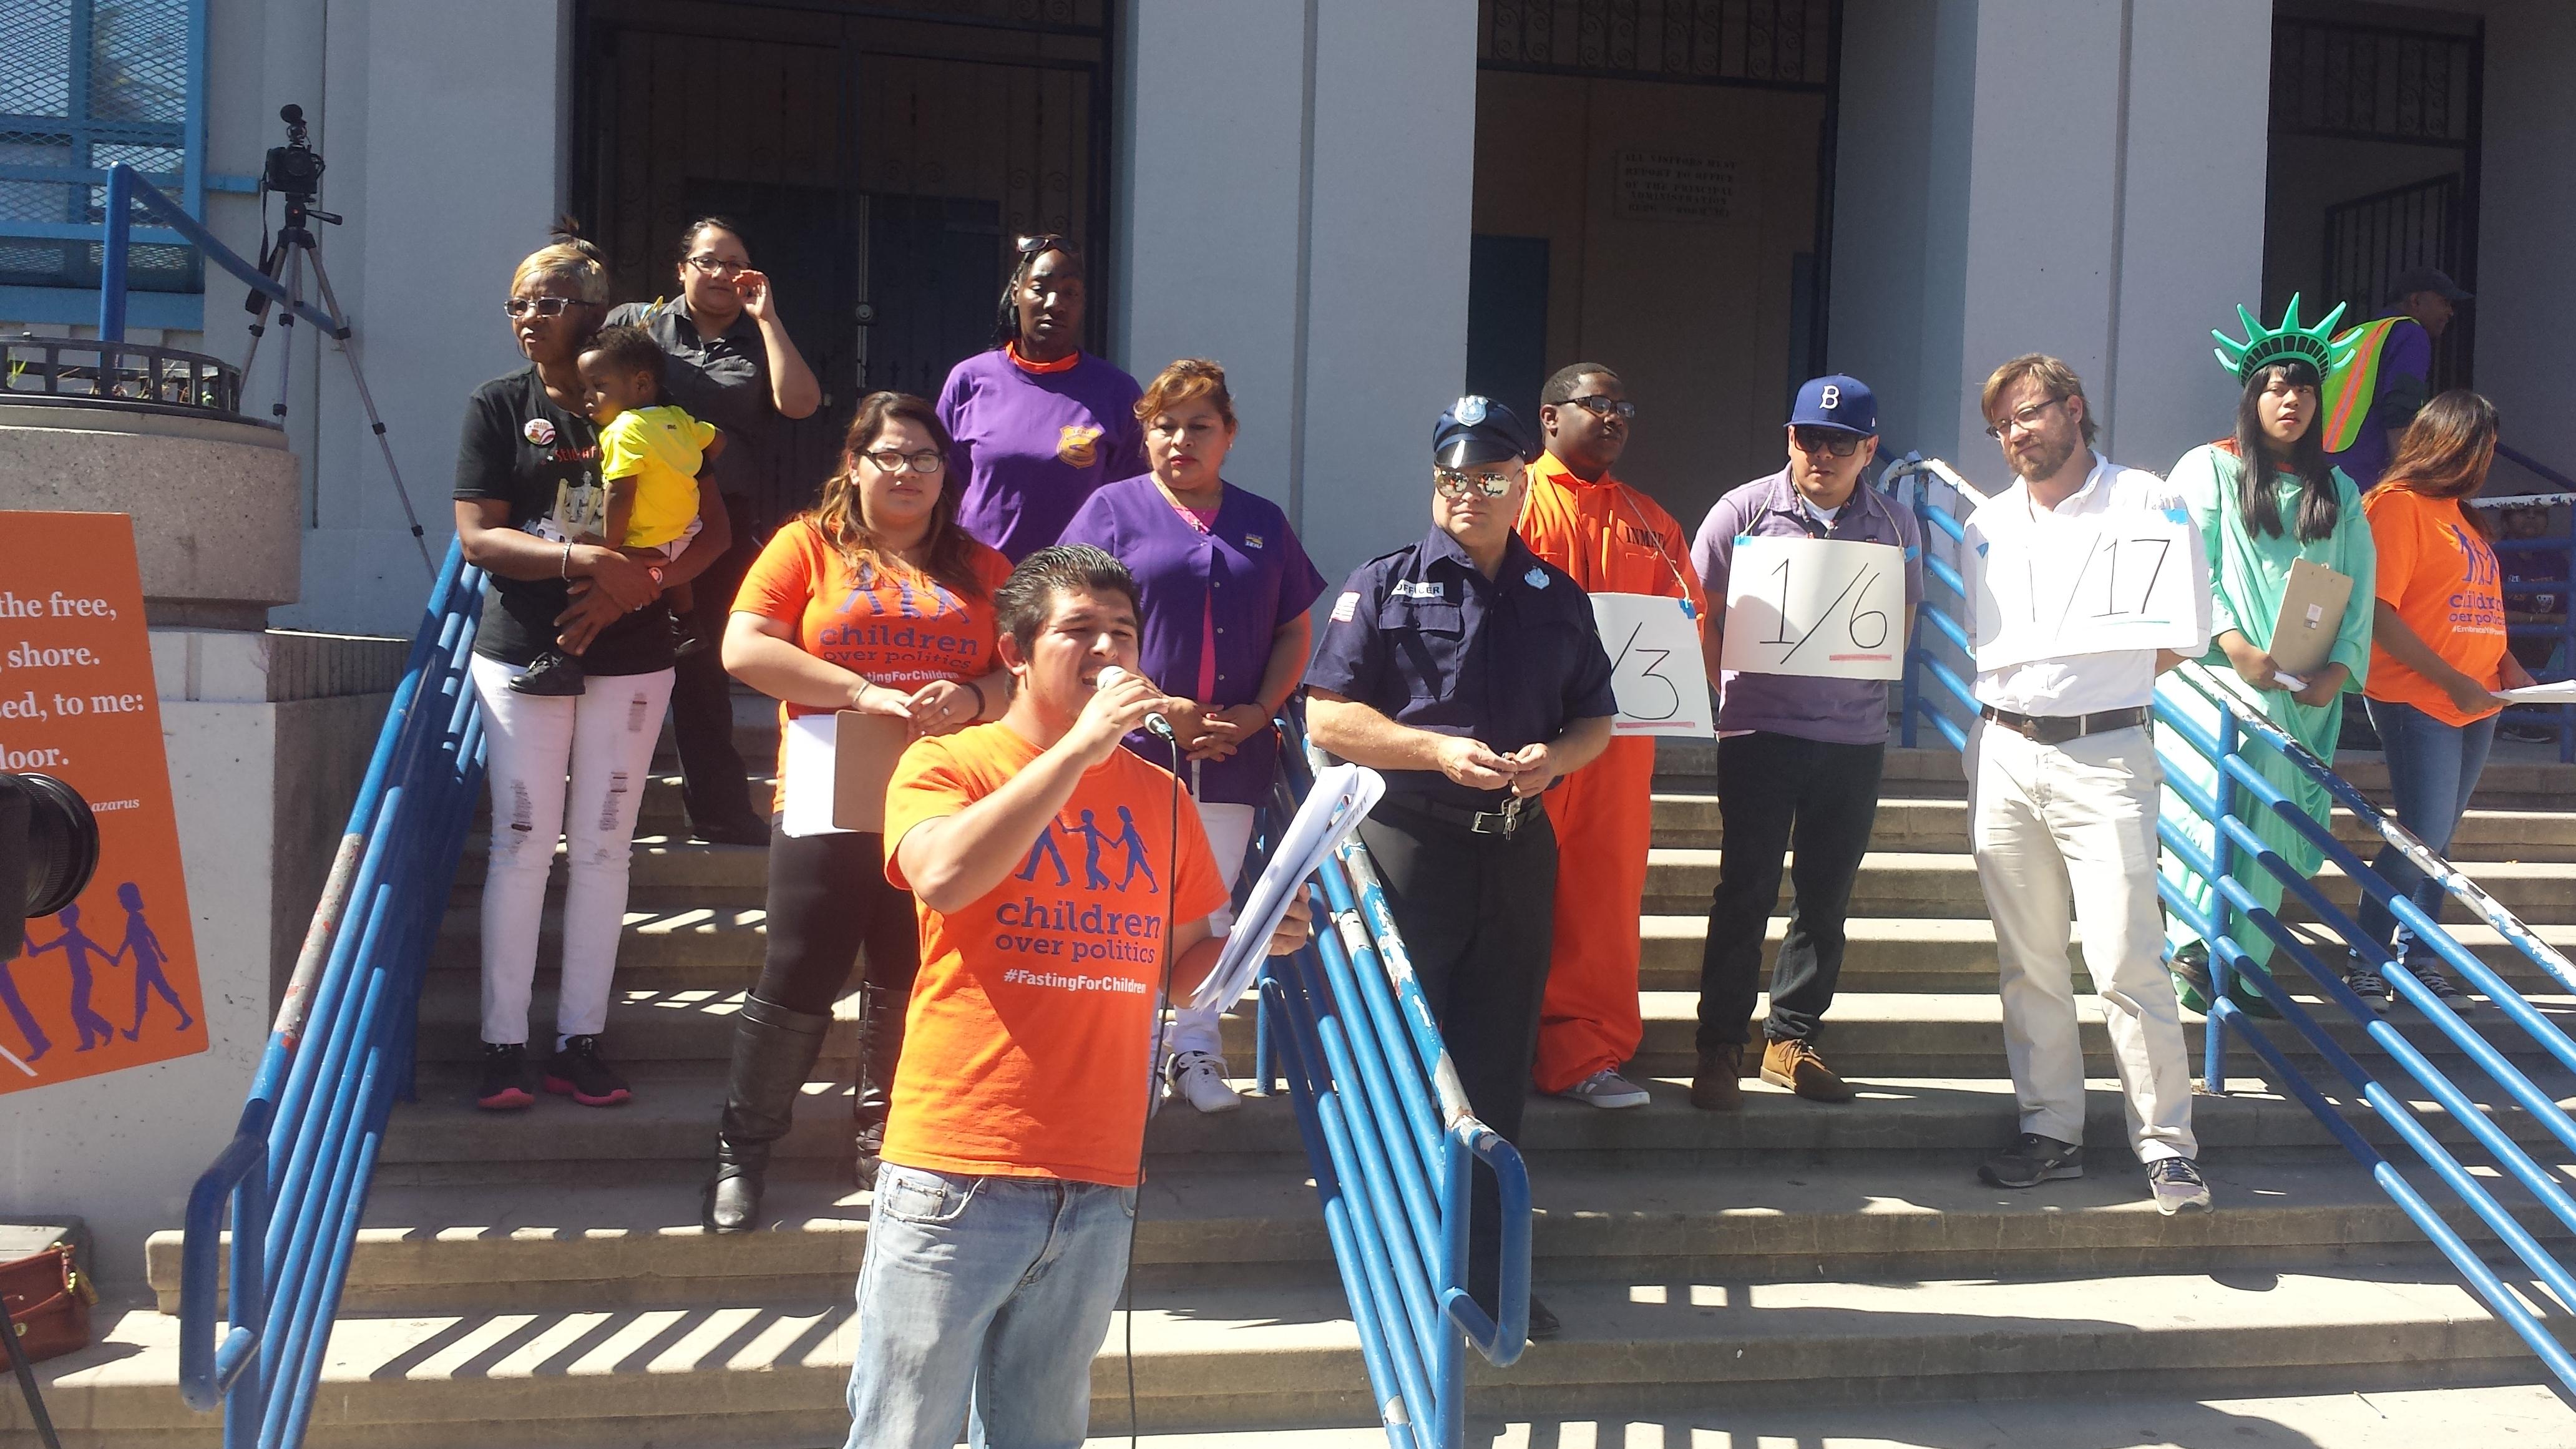 Jóvenes latinos y afroamericanos que luchan por la igualdad y la justicia. González con el megáfono.